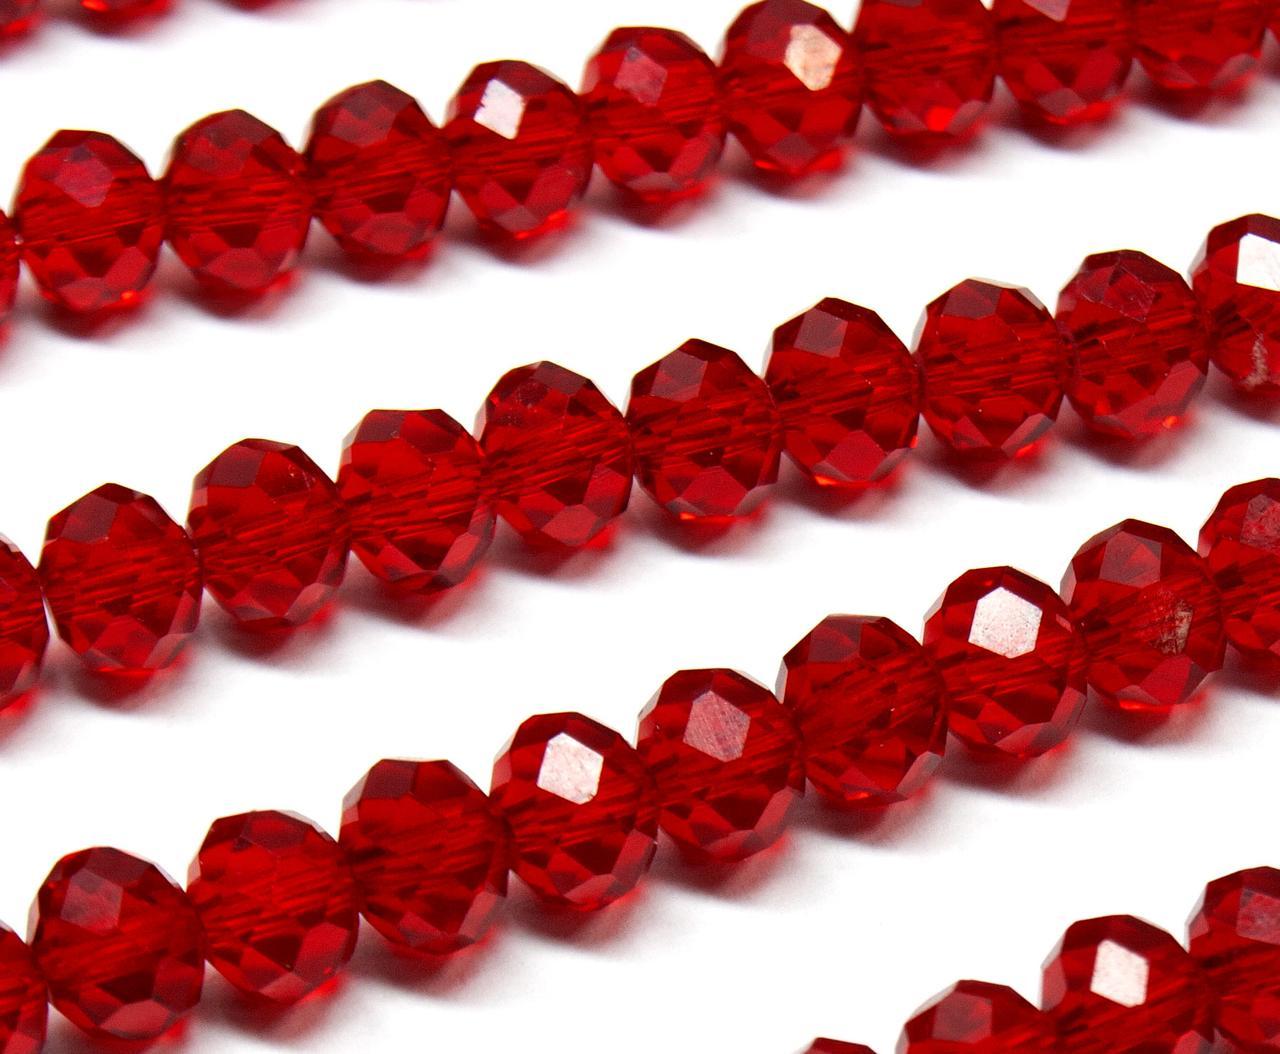 Бусины хрустальные (Рондель) 8х6мм  пачка - примерно 70 шт, цвет -  рубиновый прозрачный